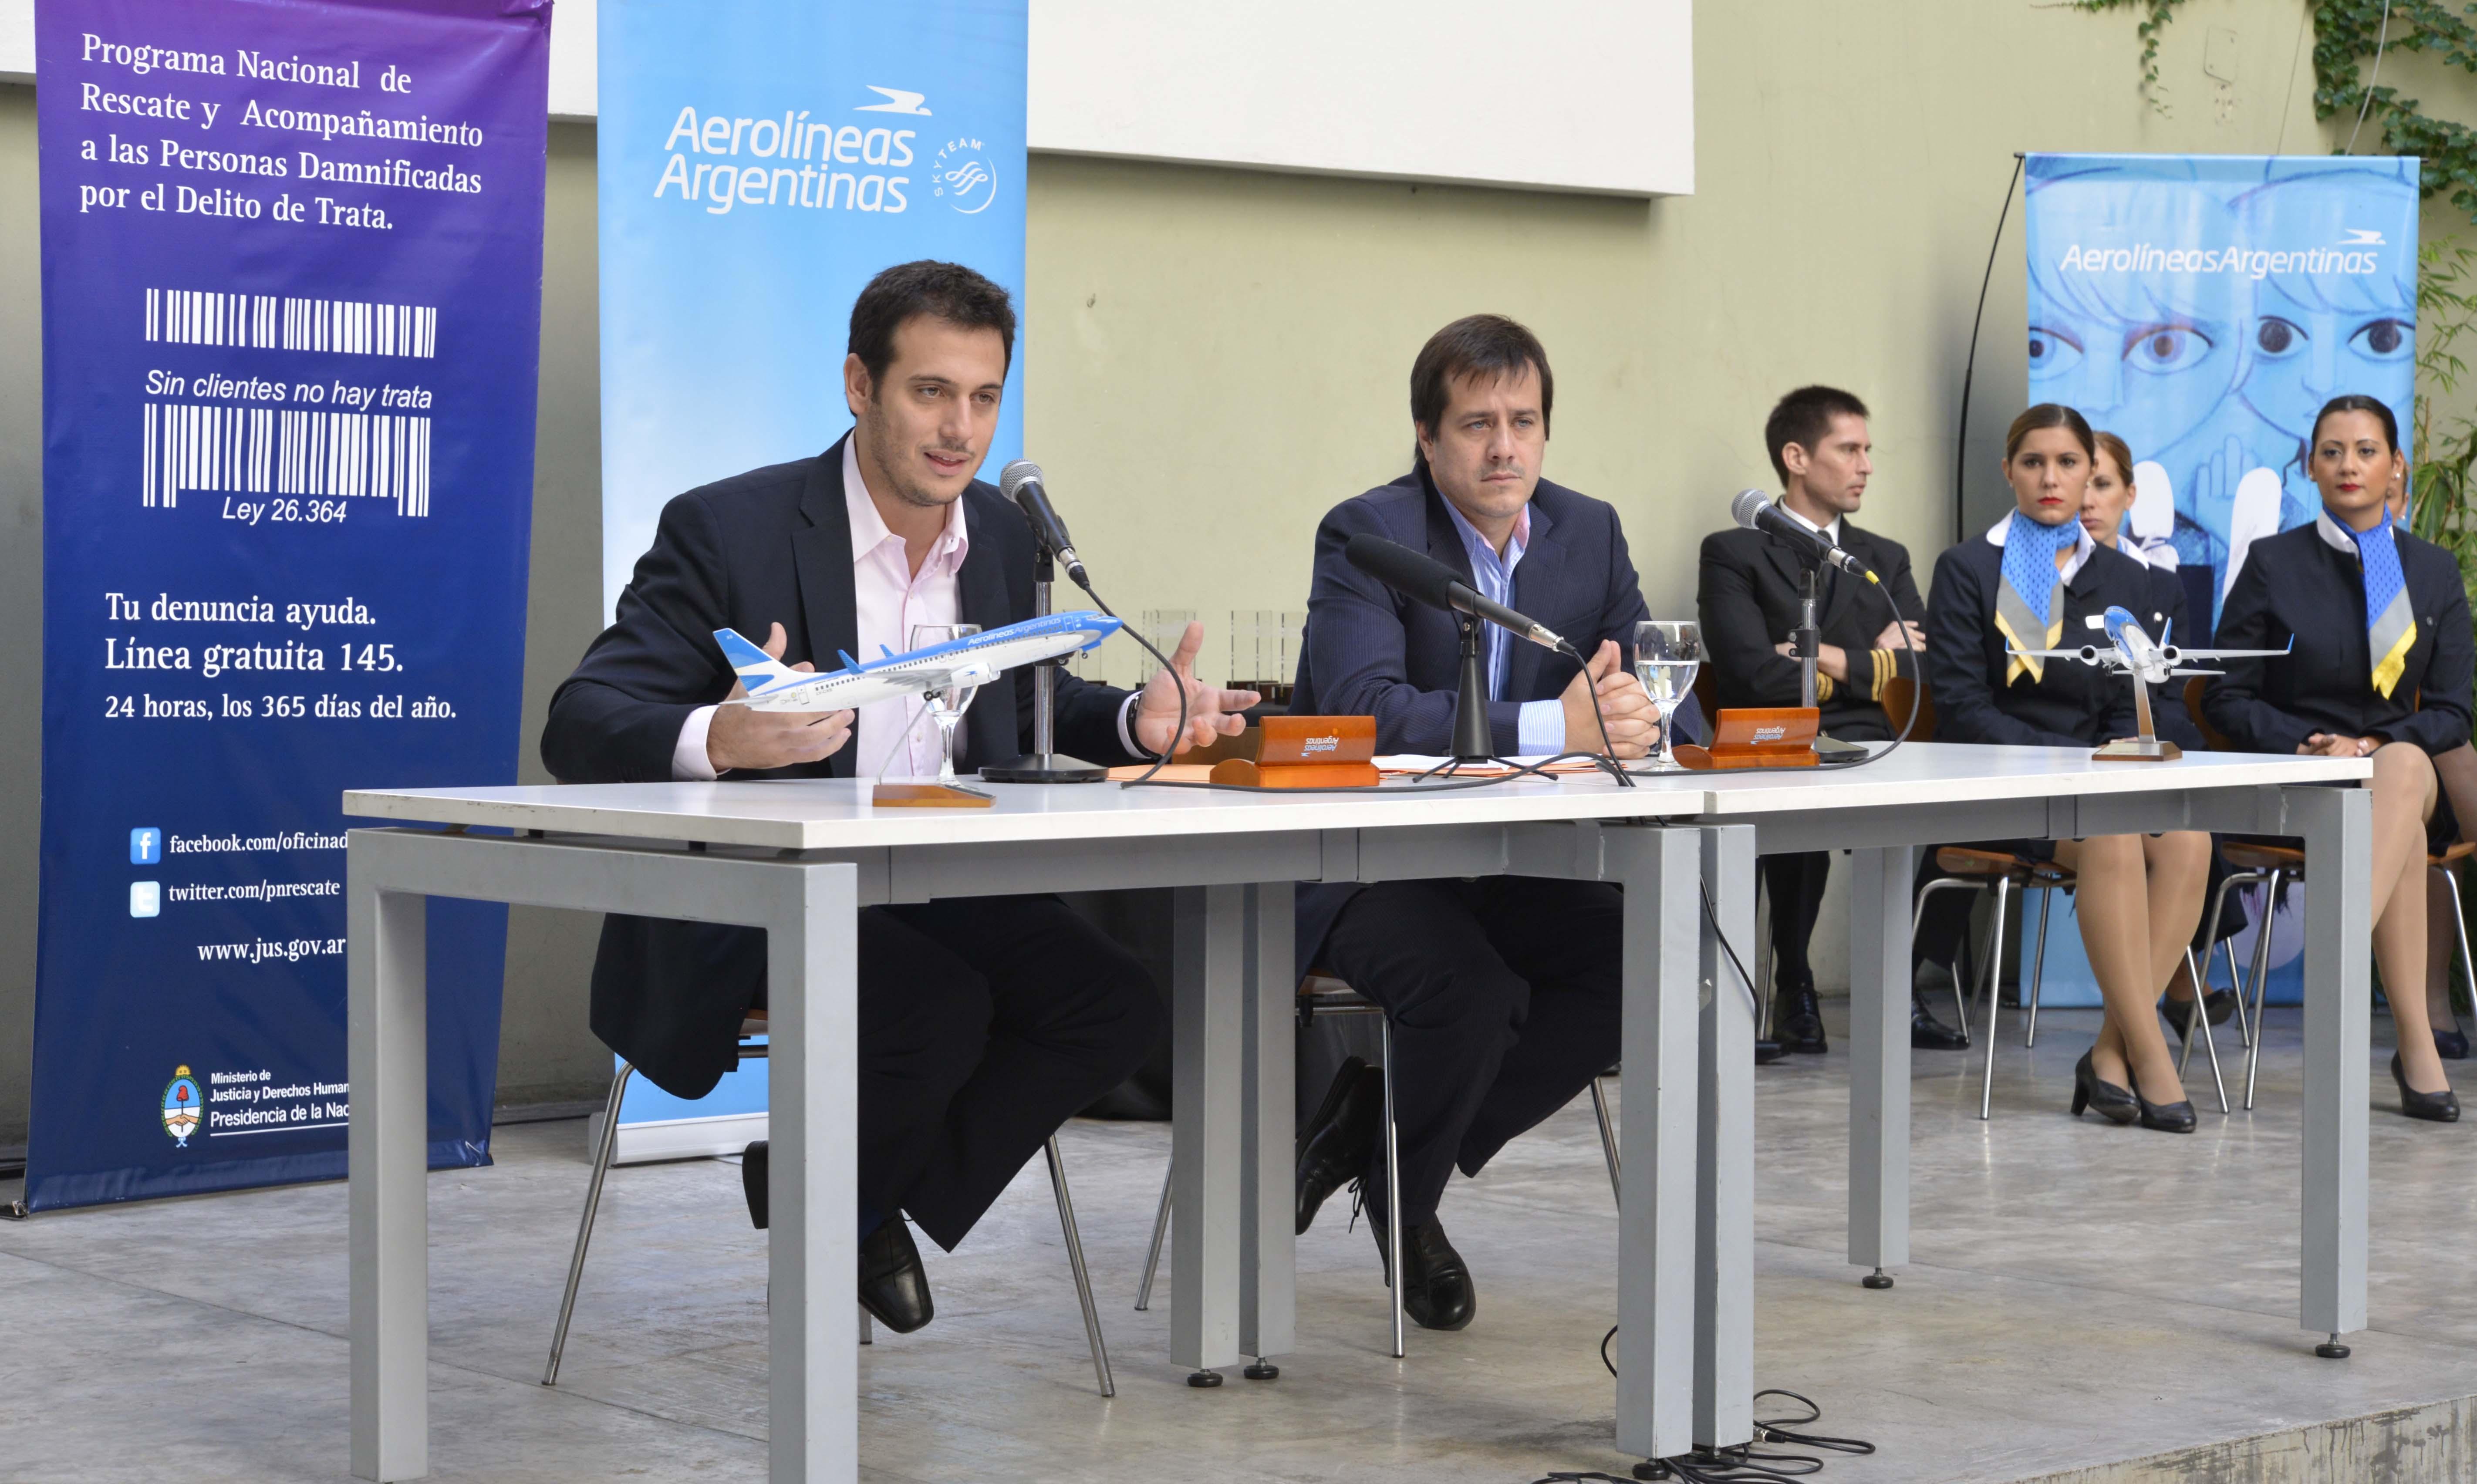 El Ministerio firmó un convenio con Aerolíneas Argentinas para seguir profundizando la lucha contra la Trata